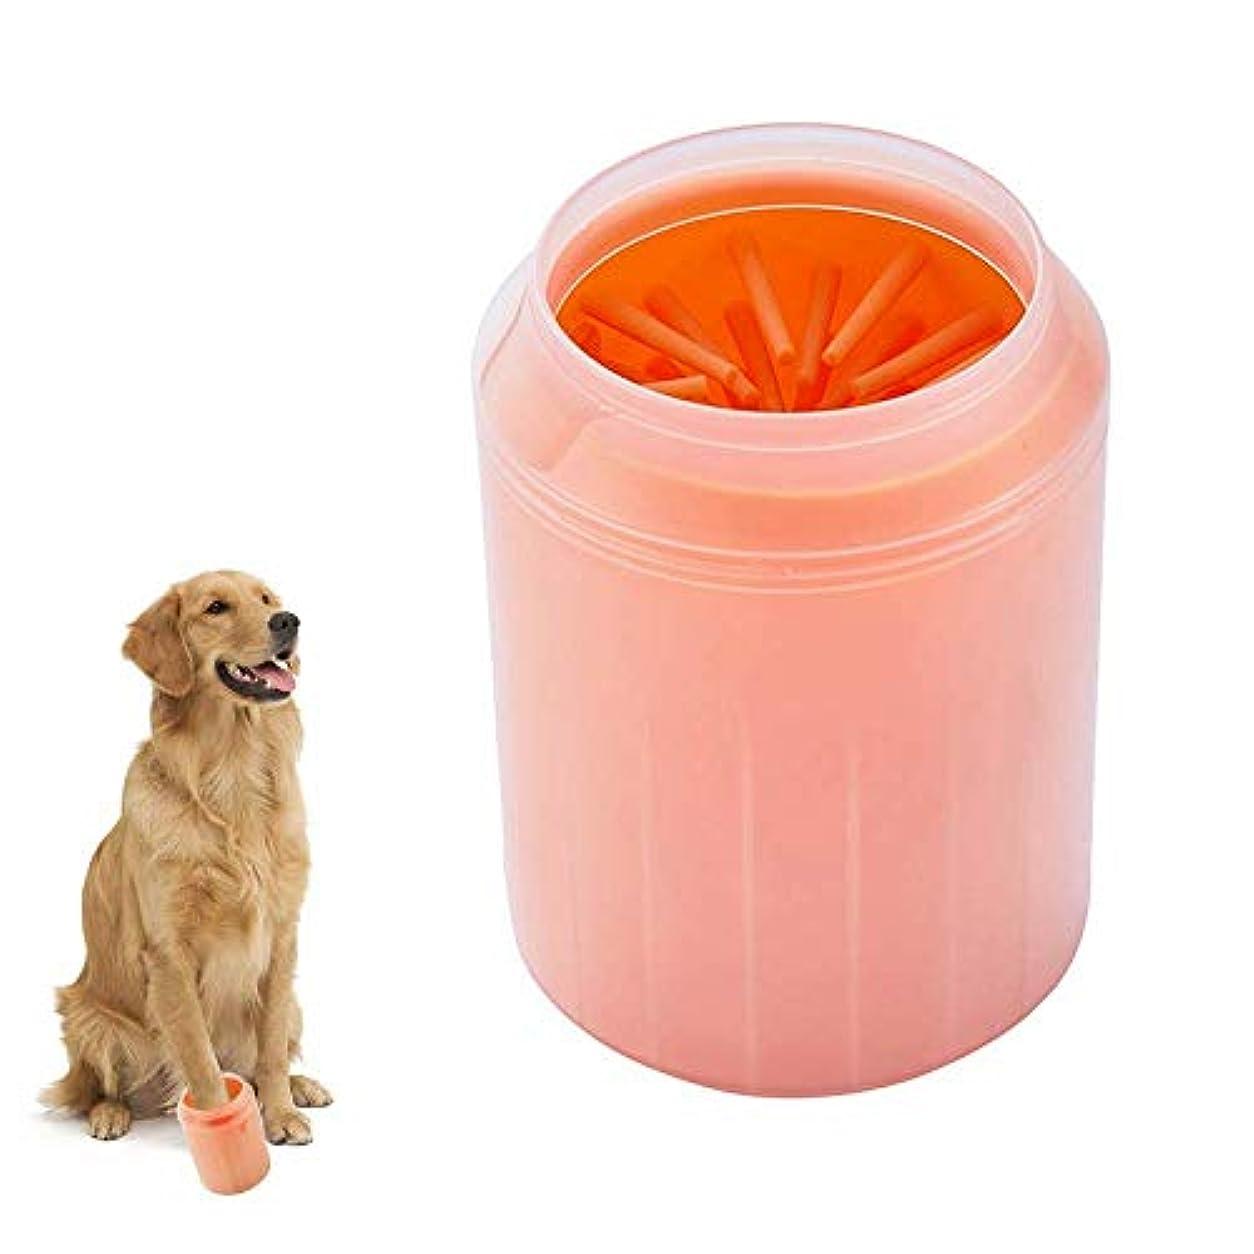 または迷彩植物のペット用 足洗いカップ 犬用 猫用 足 クリーナー 使いやすい 抗菌シリコーン製 マッサージ効果 携帯便利 小型中型大型 犬